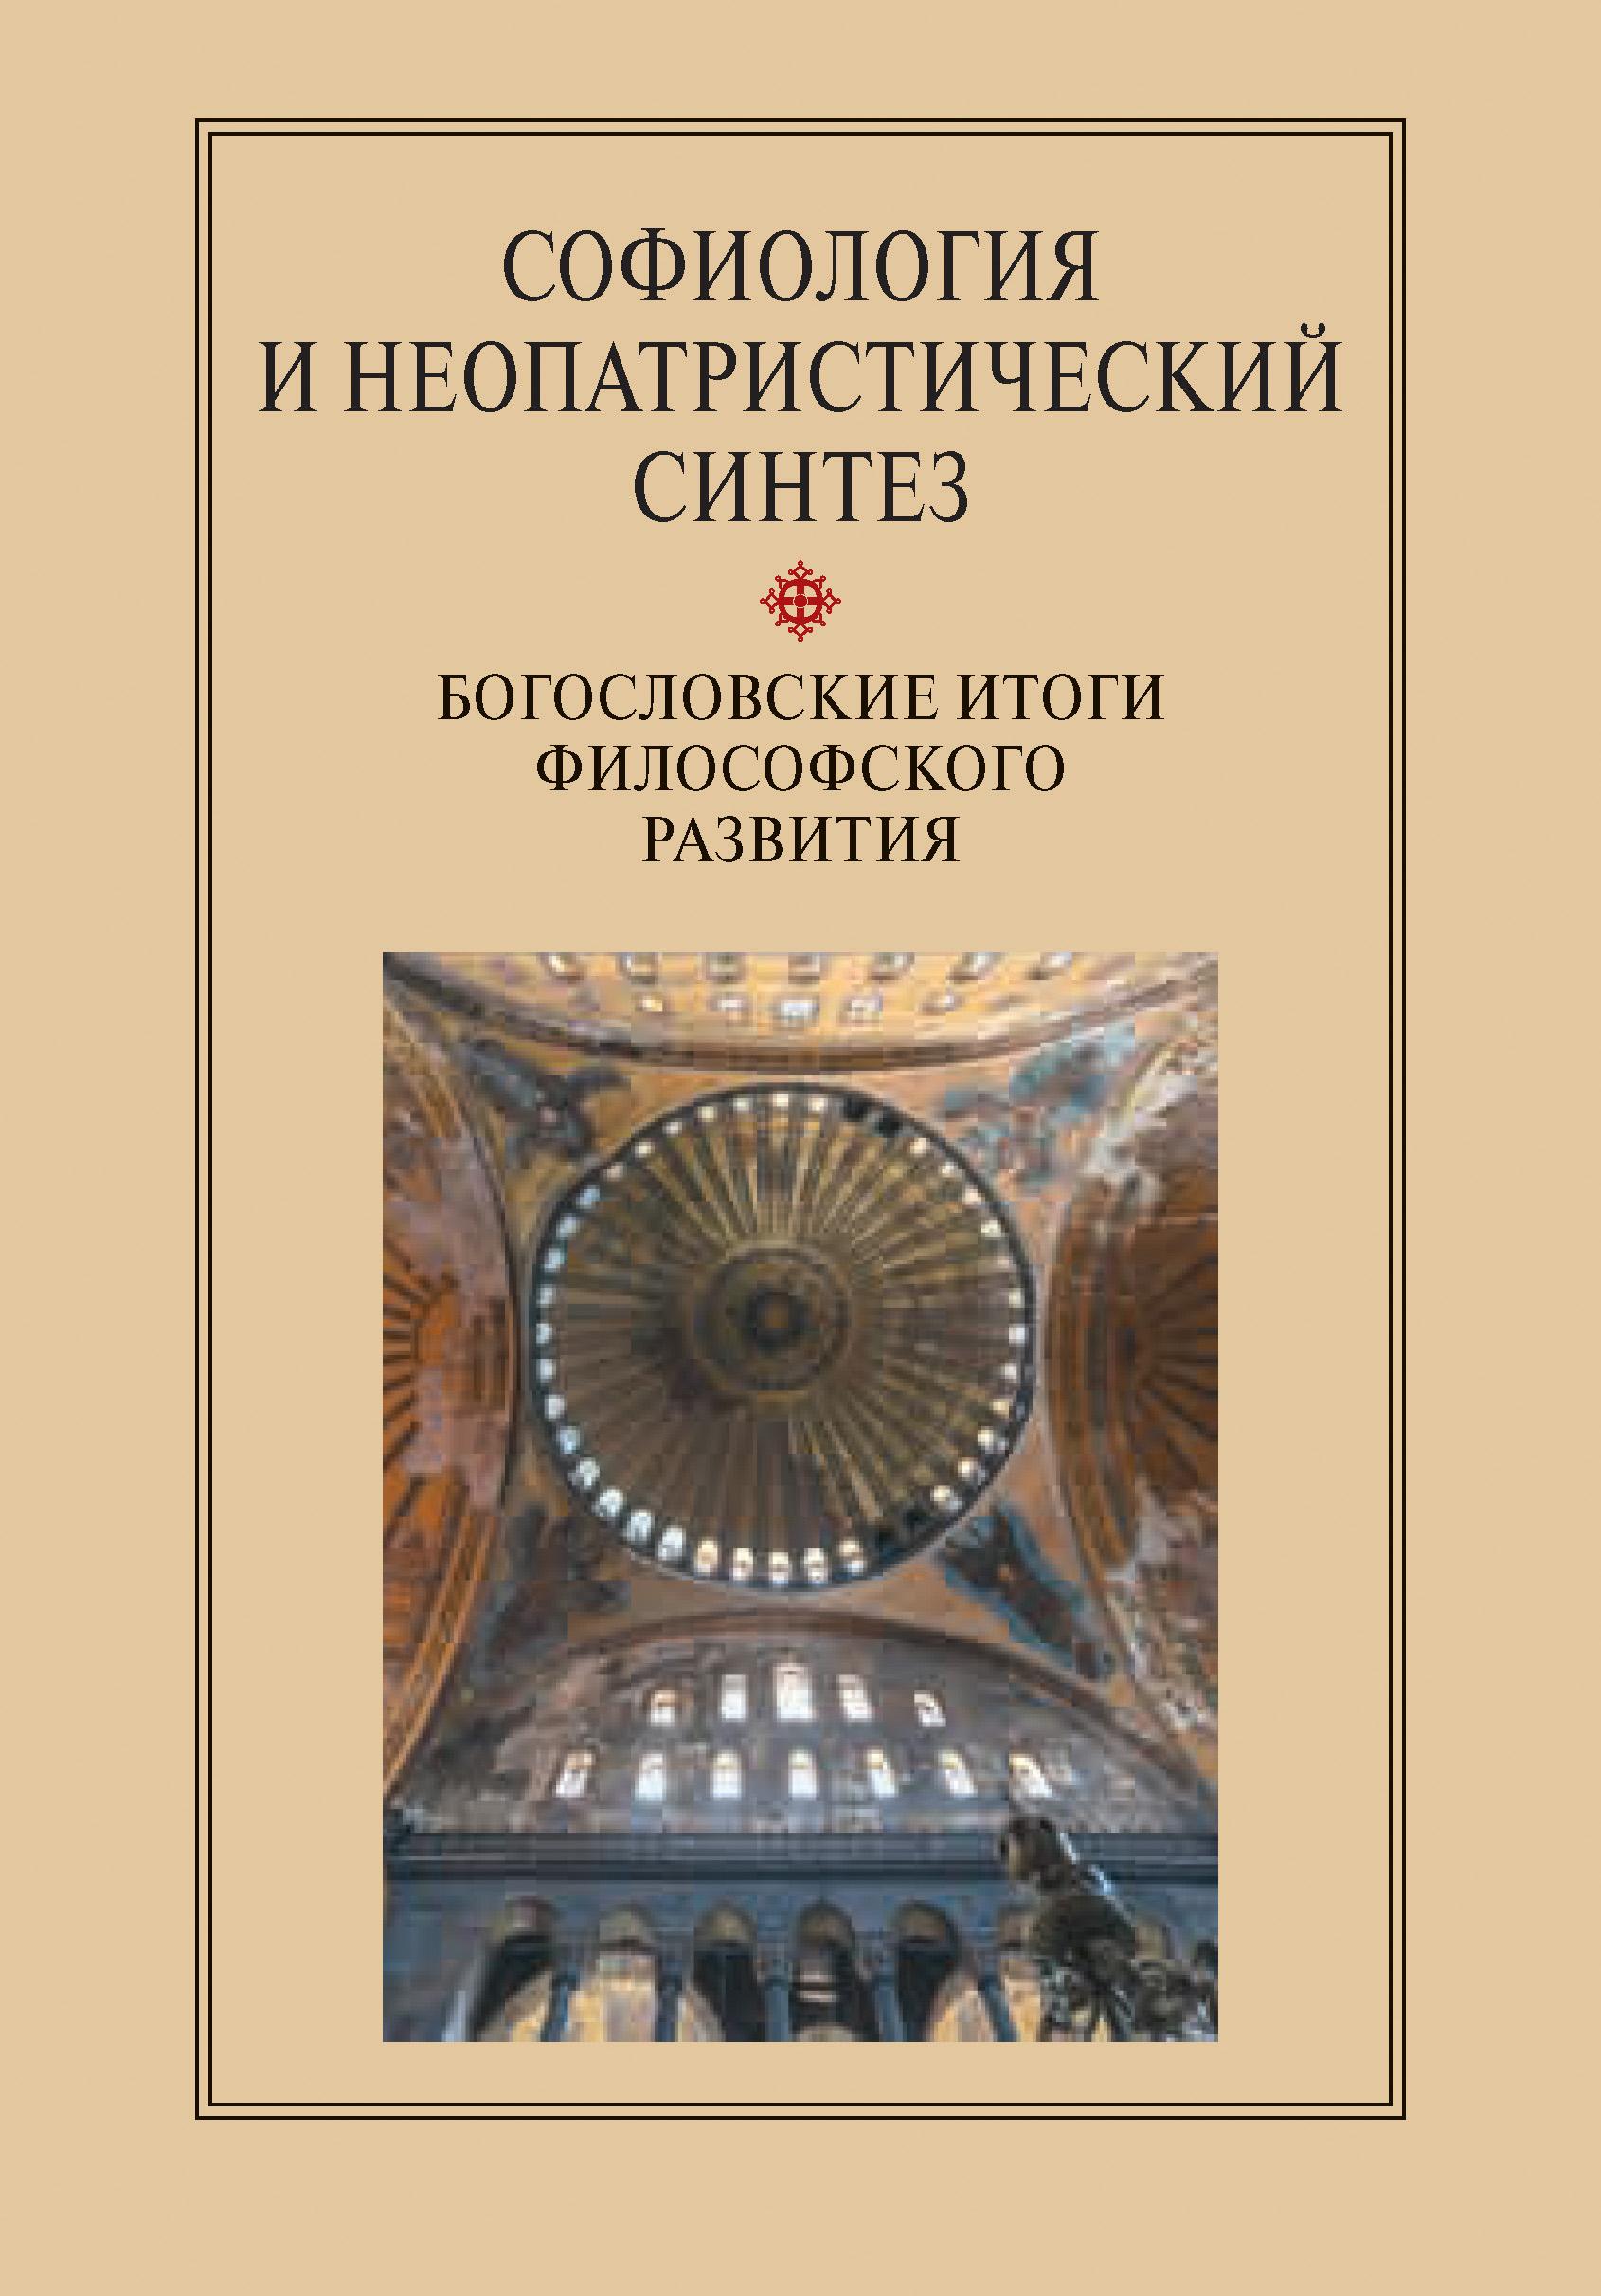 Сборник статей Софиология и неопатристический синтез. Богословские итоги философского развития